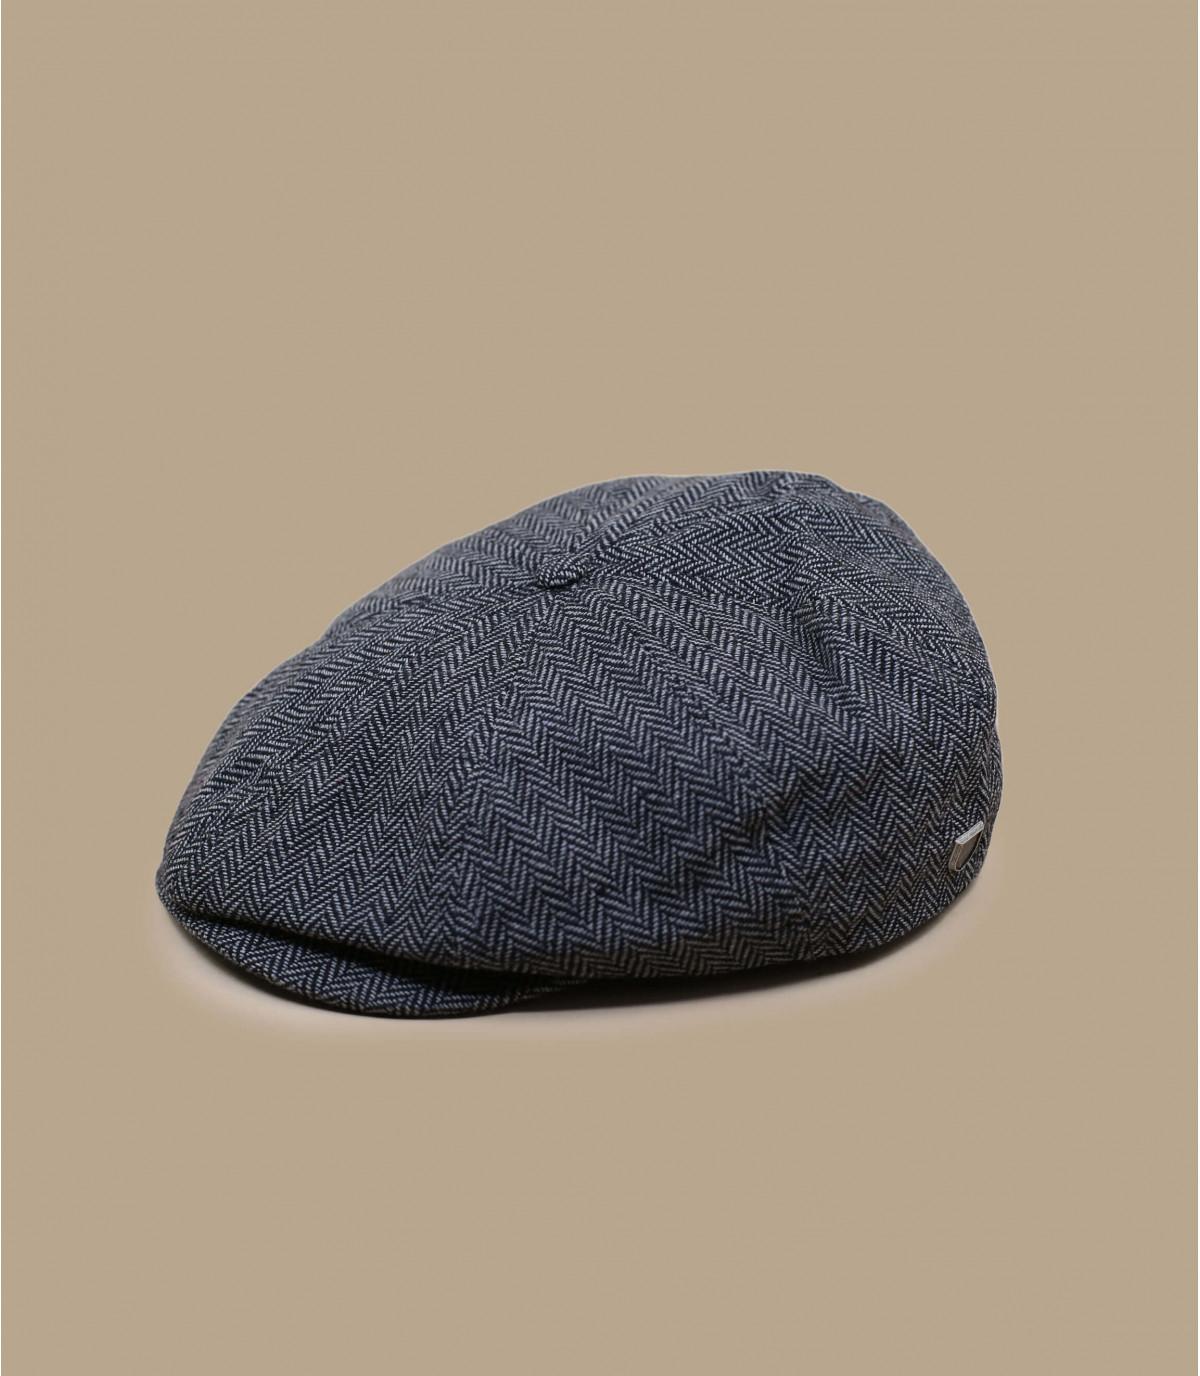 Gray flat cap